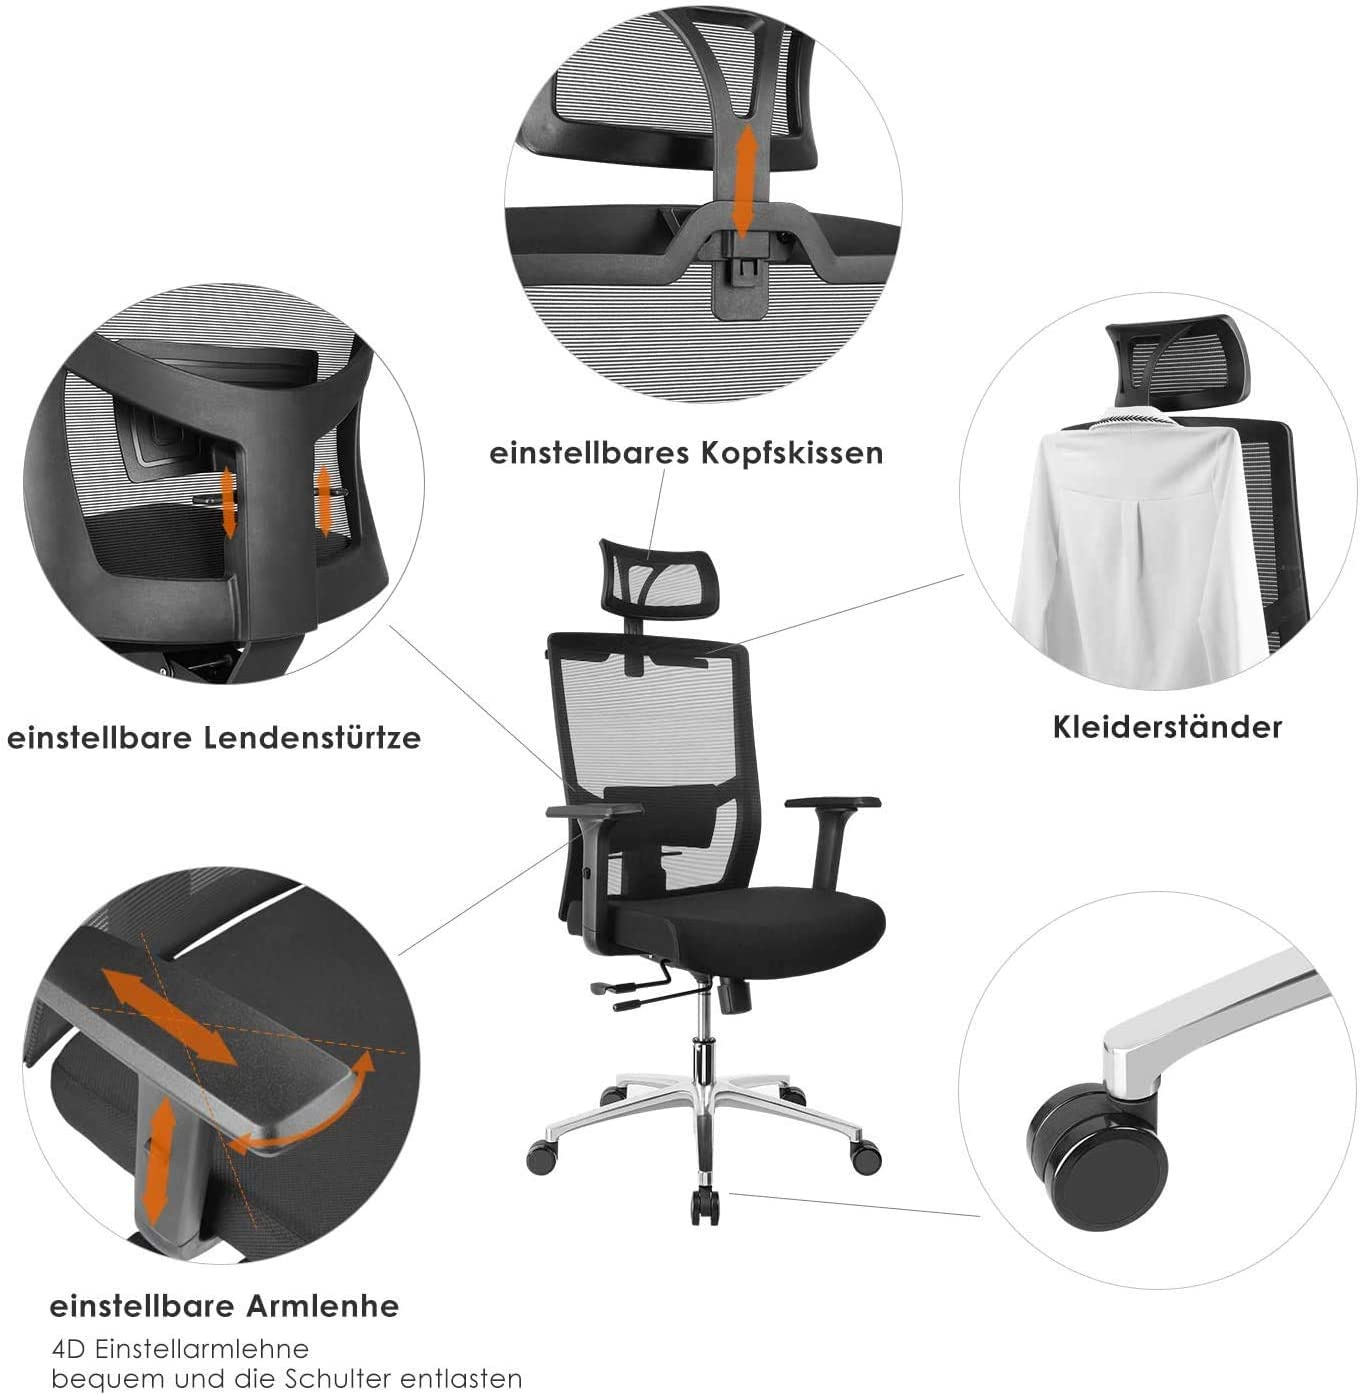 Fixkit Chaise Bureau Ergonomique,Chaise Patron,Accoudoirs,Appui-Tête et Hauteur Réglables, 65 ° Incliné,Rotation à 360 °,Respirant,Confortable et Fiable,Capacité Maximal de 150 KG, Nior